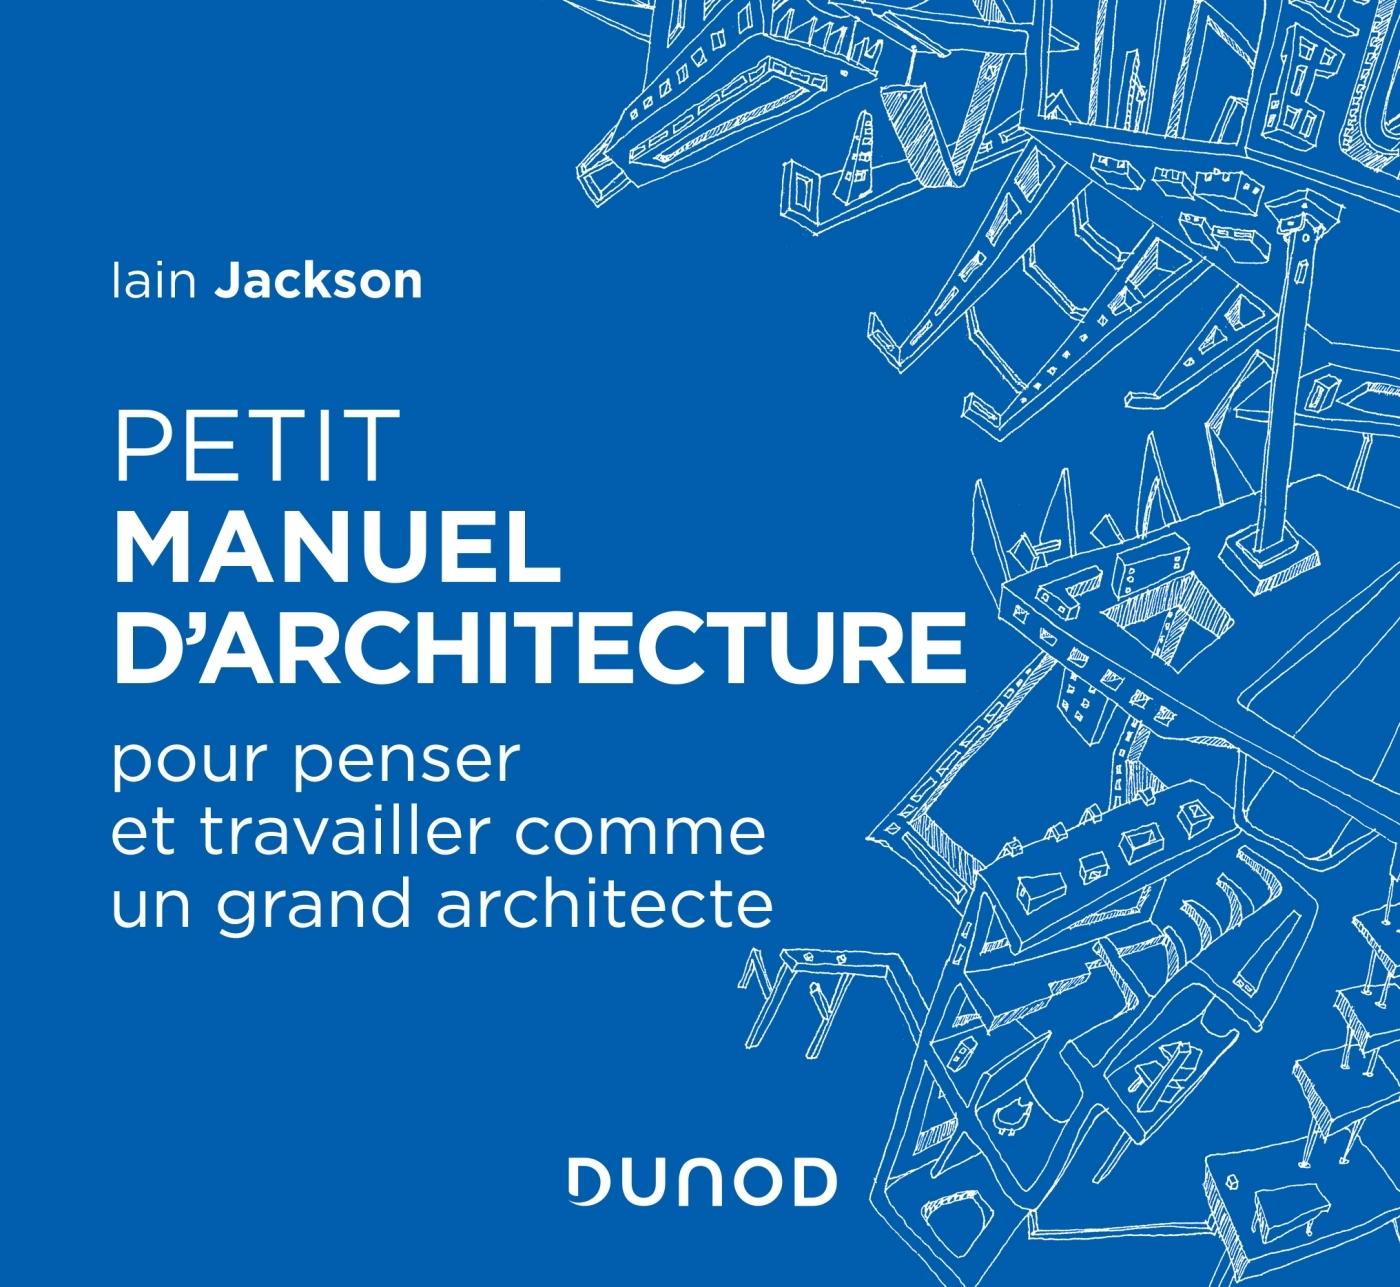 PETIT MANUEL D'ARCHITECTURE - POUR APPRENDRE A PENSER ET TRAVAILLER COMME UN GRAND ARCHITECTE